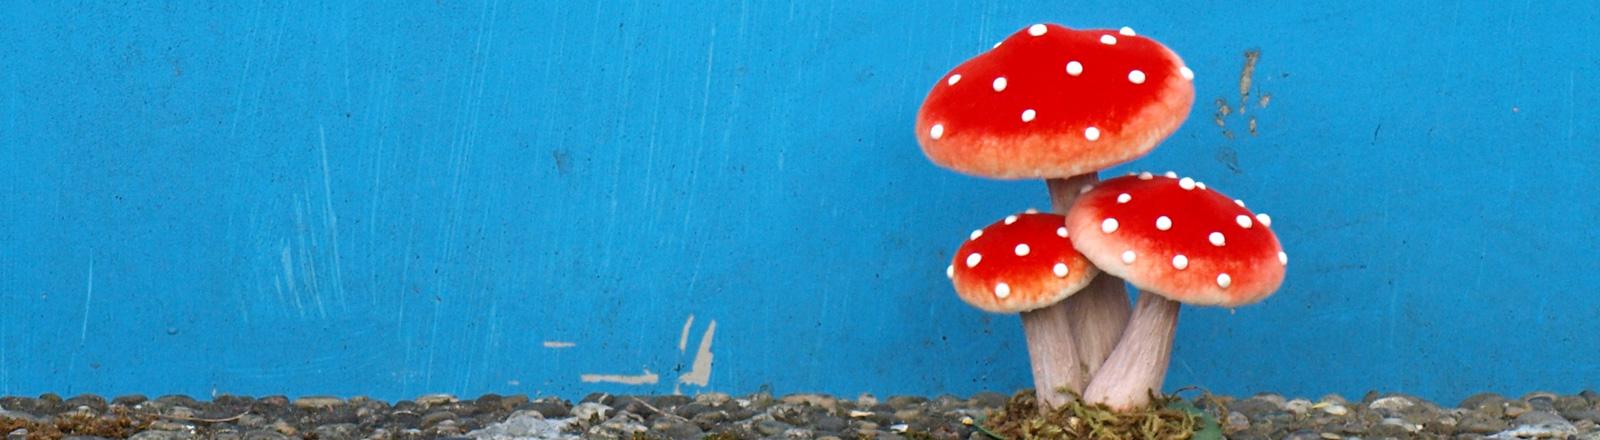 Vor einer blau gestrichenen Wand steht ein künstlicher Fliegenpilz.